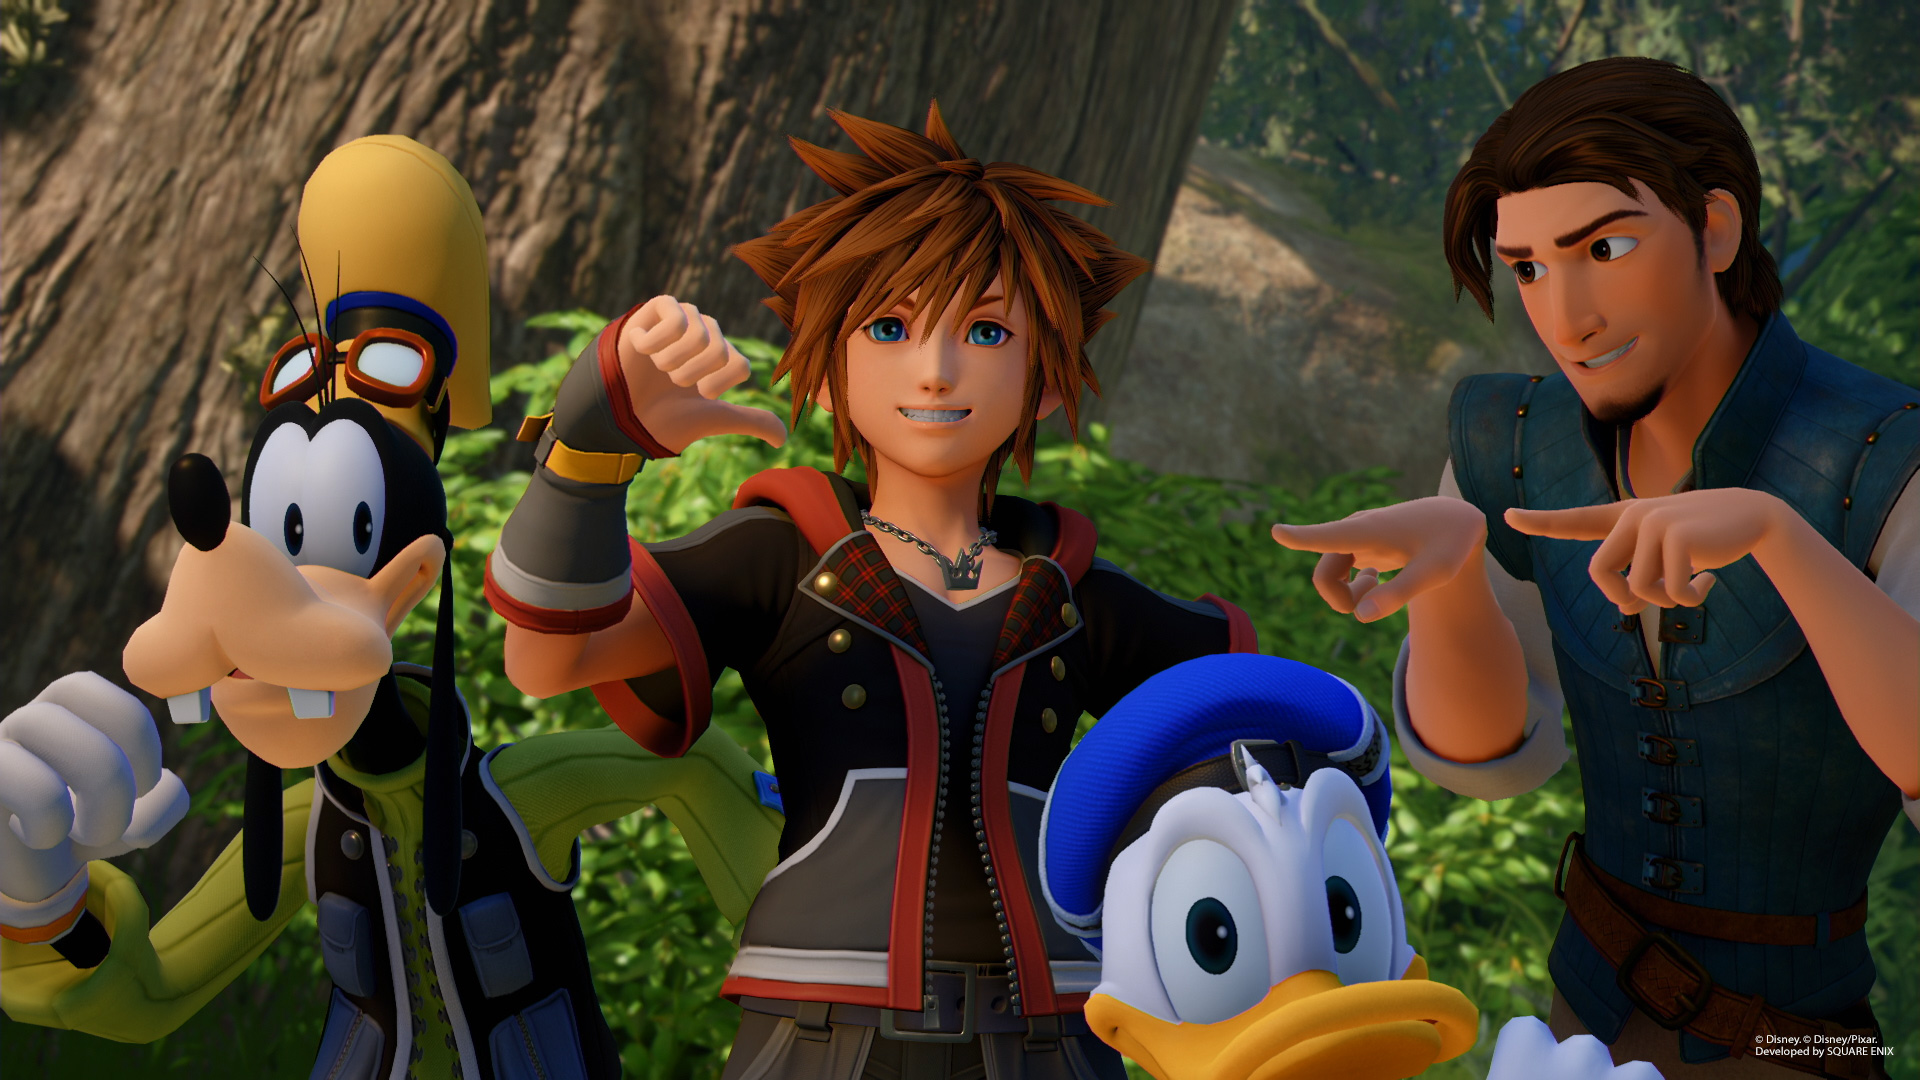 dd349078eb9b8 Análise  Kingdom Hearts 3 é uma jornada recheada de emoções ...